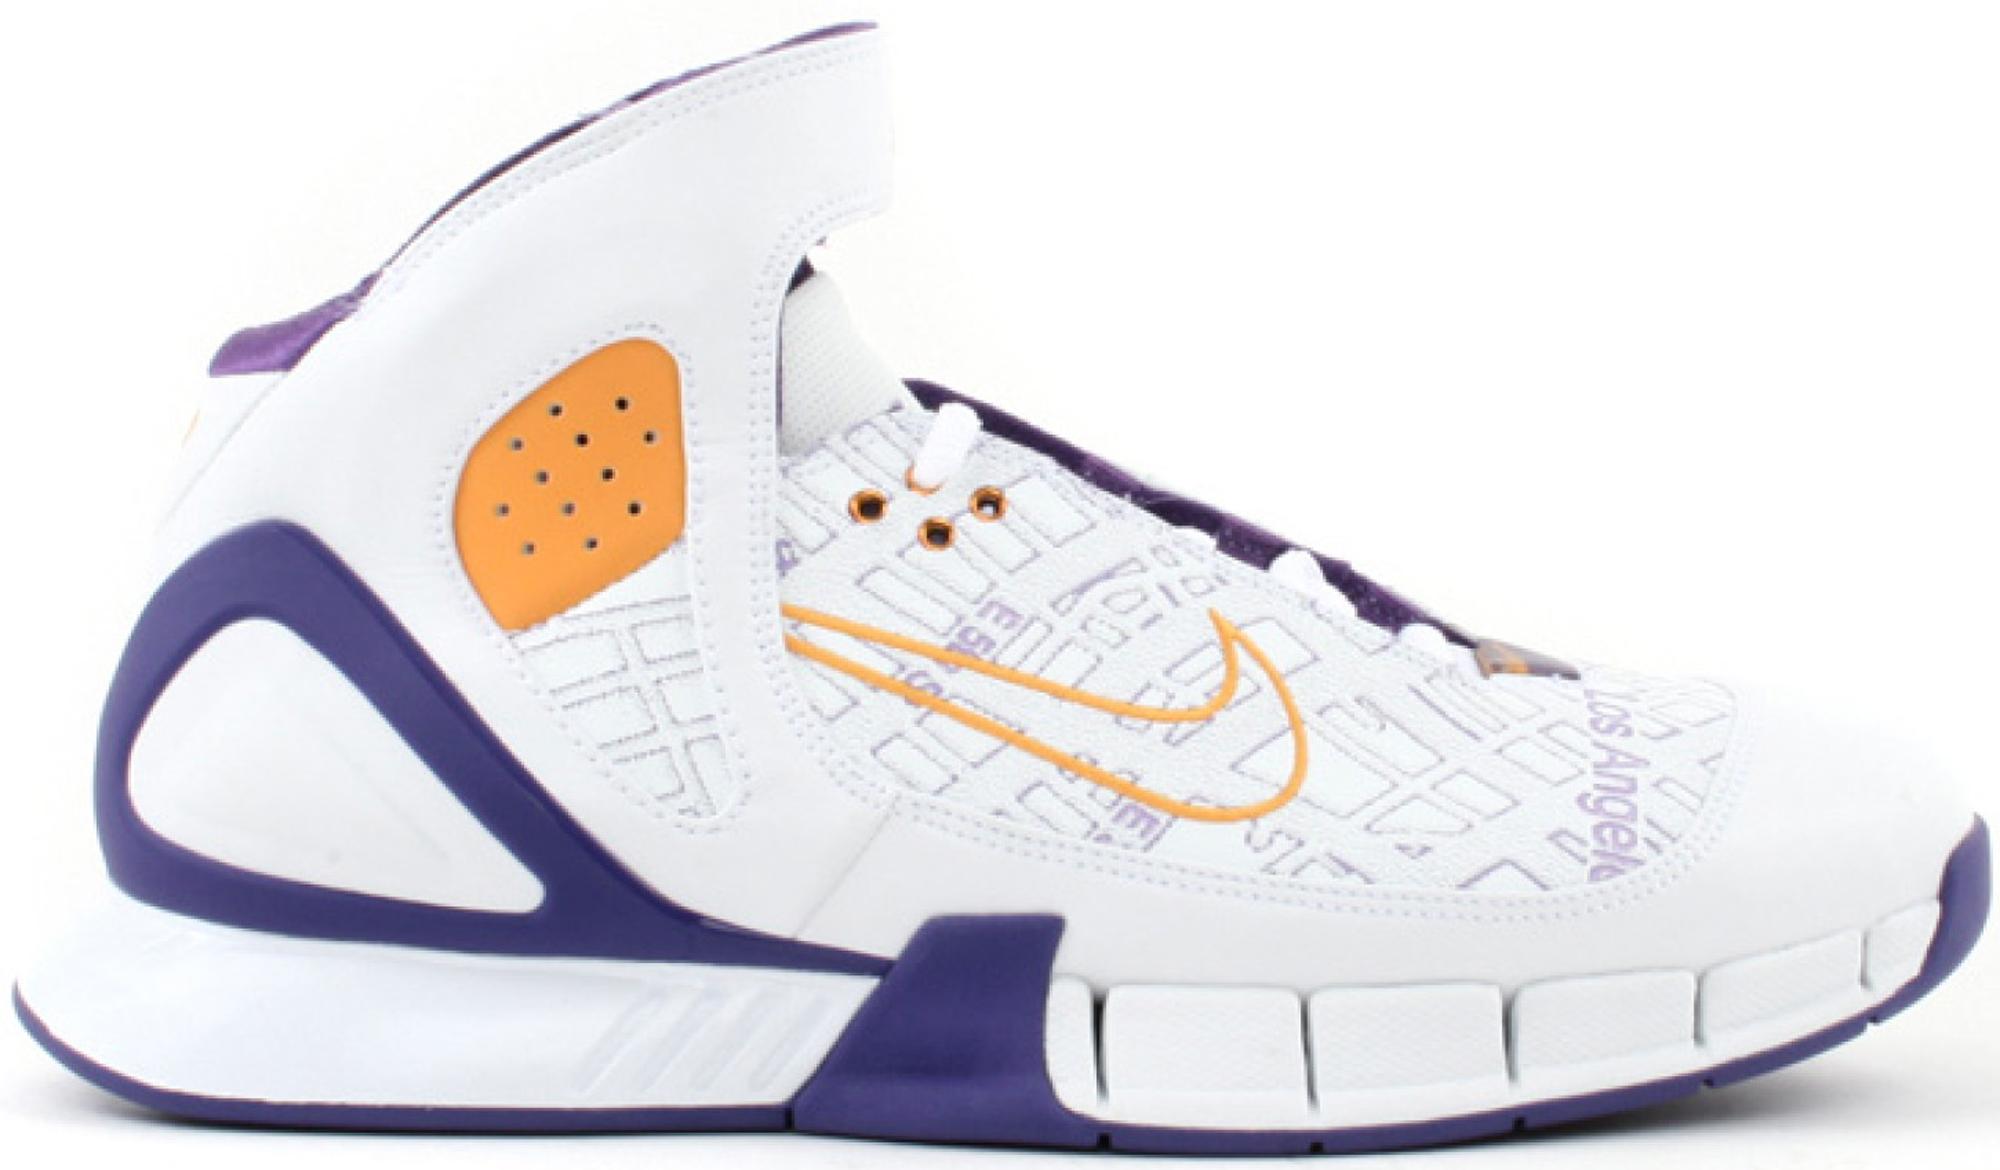 Nike Air Zoom Huarache 2K5 Kobe Laser